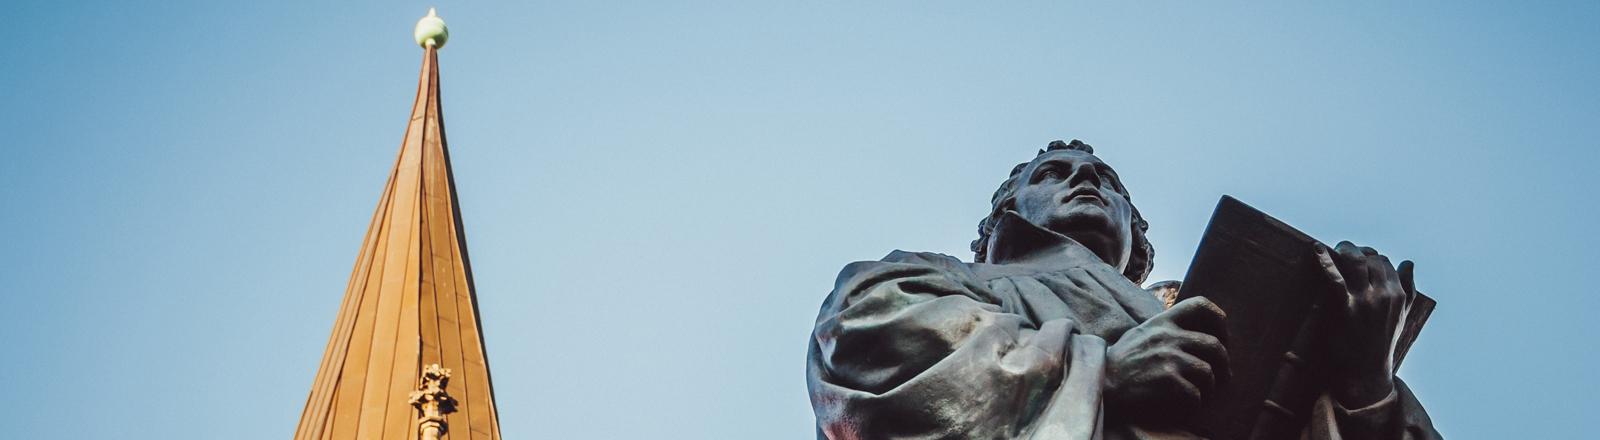 Statue von Martin Luther in Erfurt.